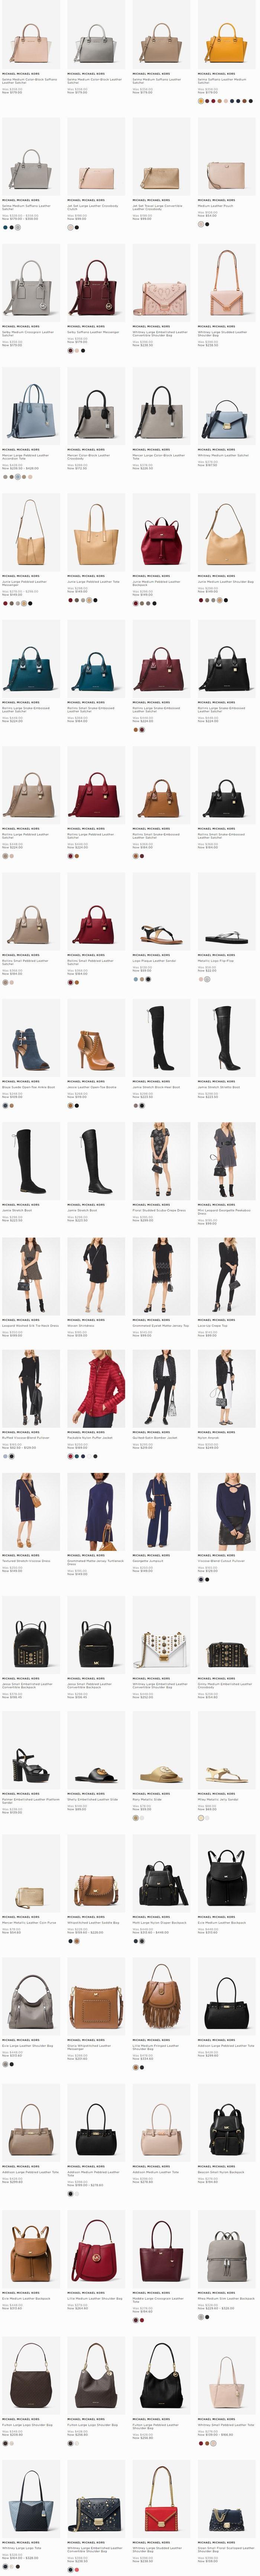 Michael Kors精选美包、美衣、美鞋、首饰等5折起优惠!